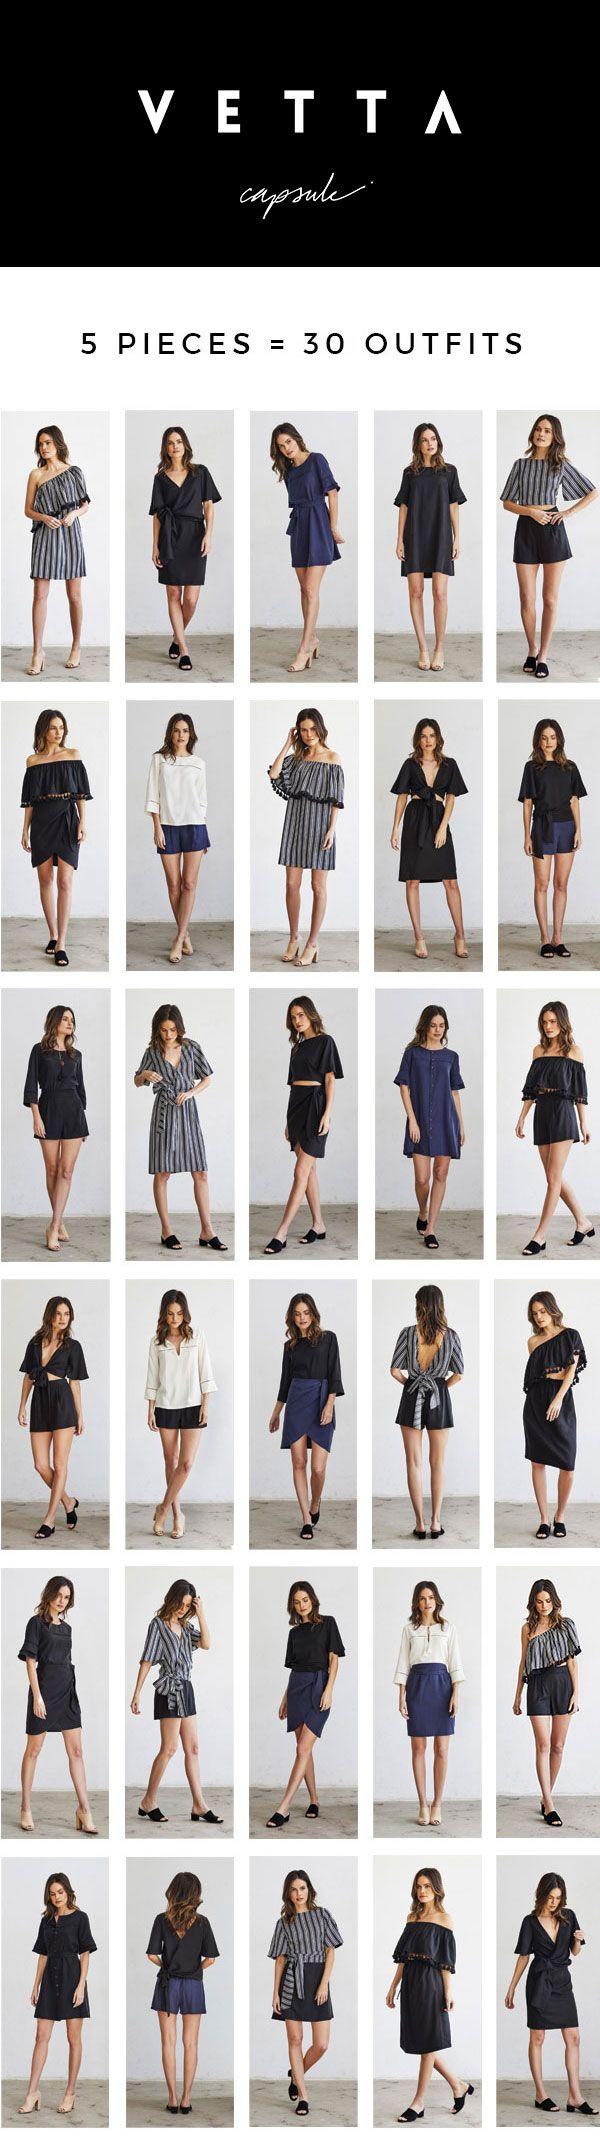 VETTA SS17 | The Classic Capsule | Capsule No. 3 | Capsule Wardrobe | Made in USA | Eco-Friendly Fabric | Ethical Fashion | Spring Capsule Wardrobe | Summer Capsule Wardrobe | www.vettacapsule.com